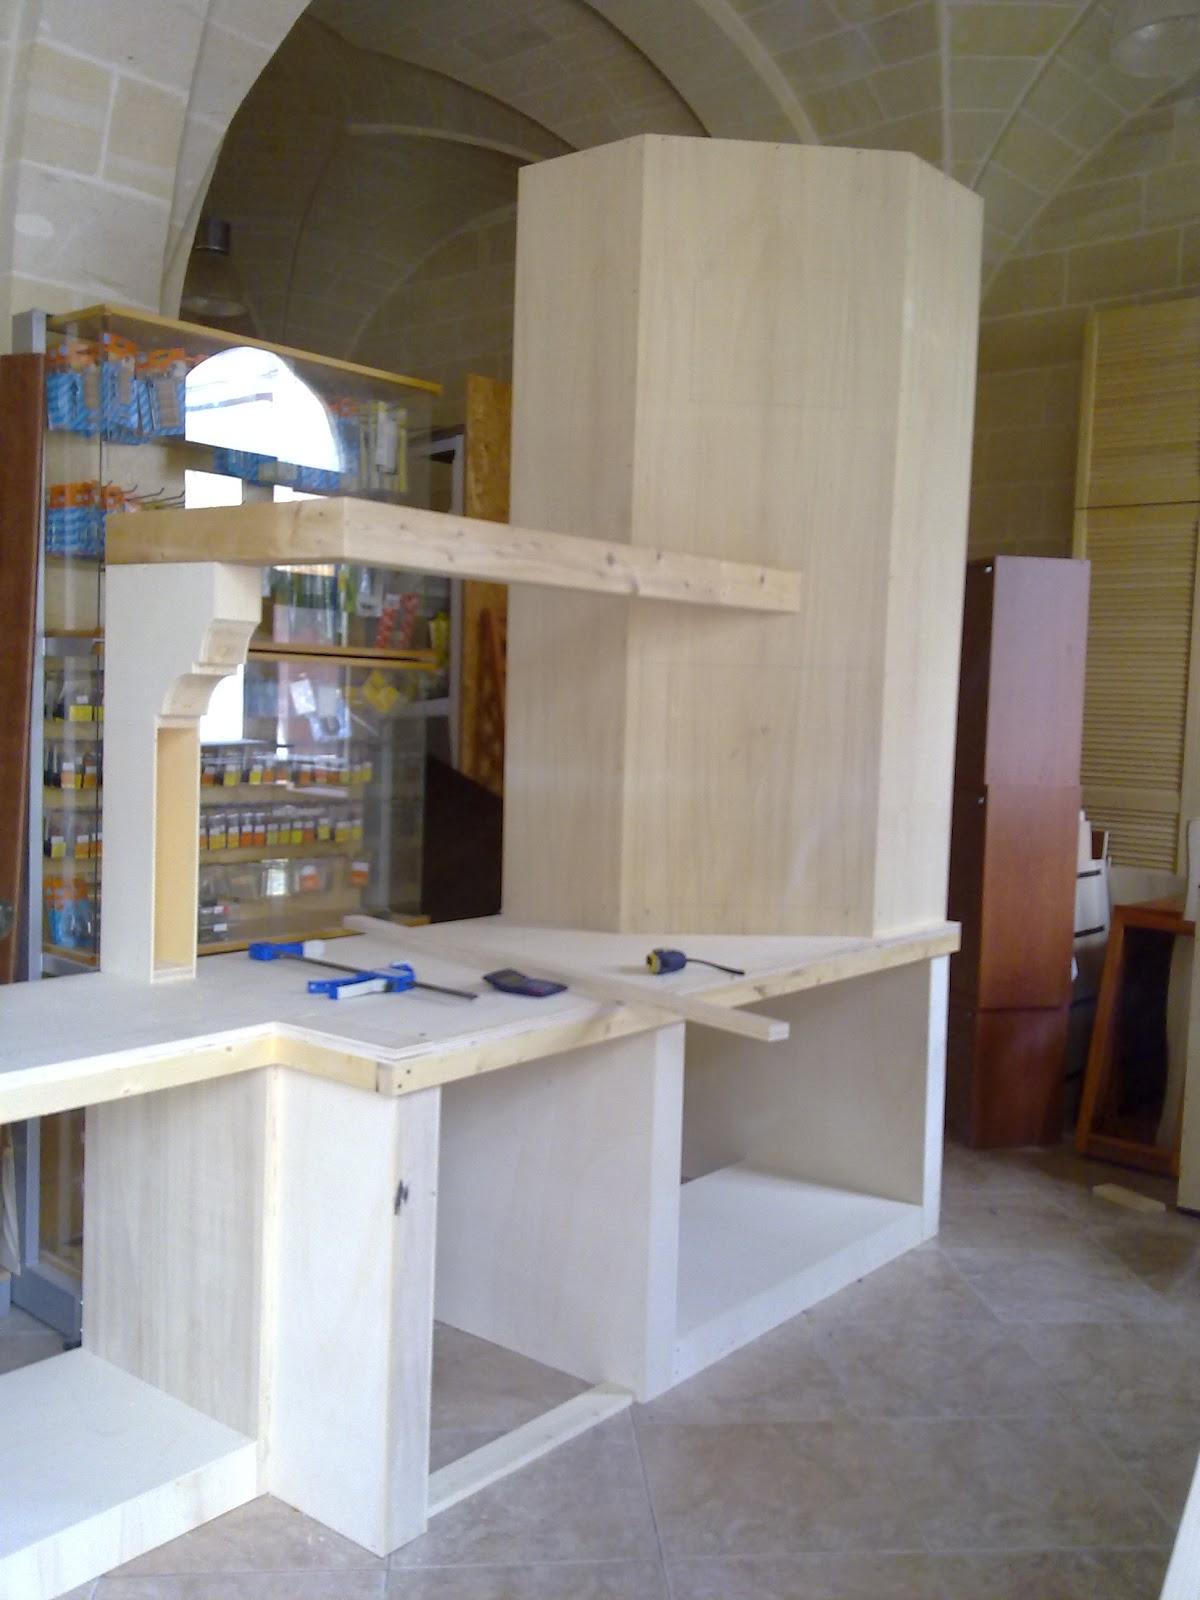 Fai da te hobby legno cucina in finta muratura - Fai da te mobili cucina ...